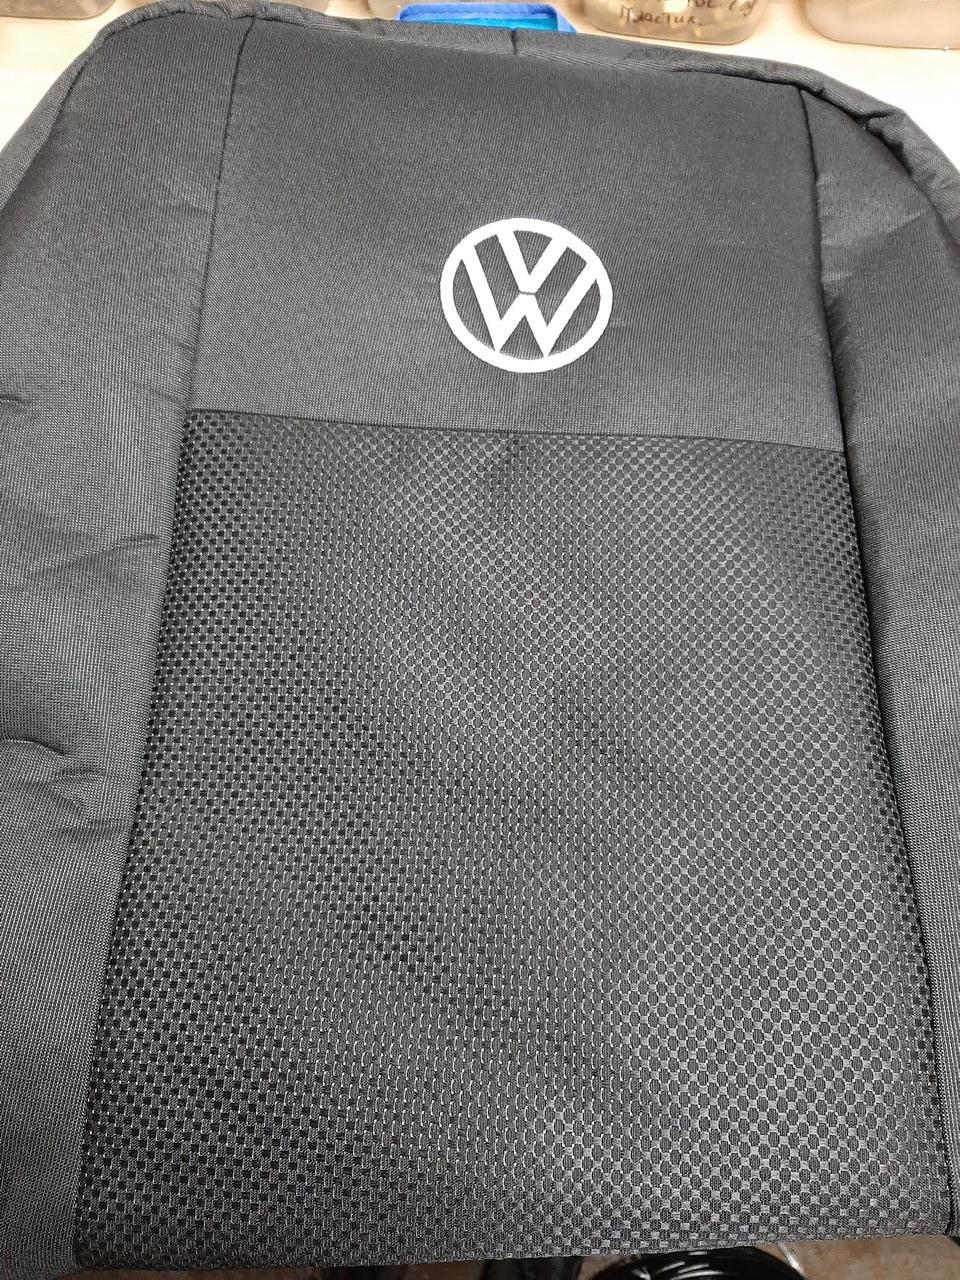 """Чехлы на Фольксваген Кадди (1+1) 2004-2015 / авто чехлы Volkswagen Caddy """"Prestige"""" эконом"""